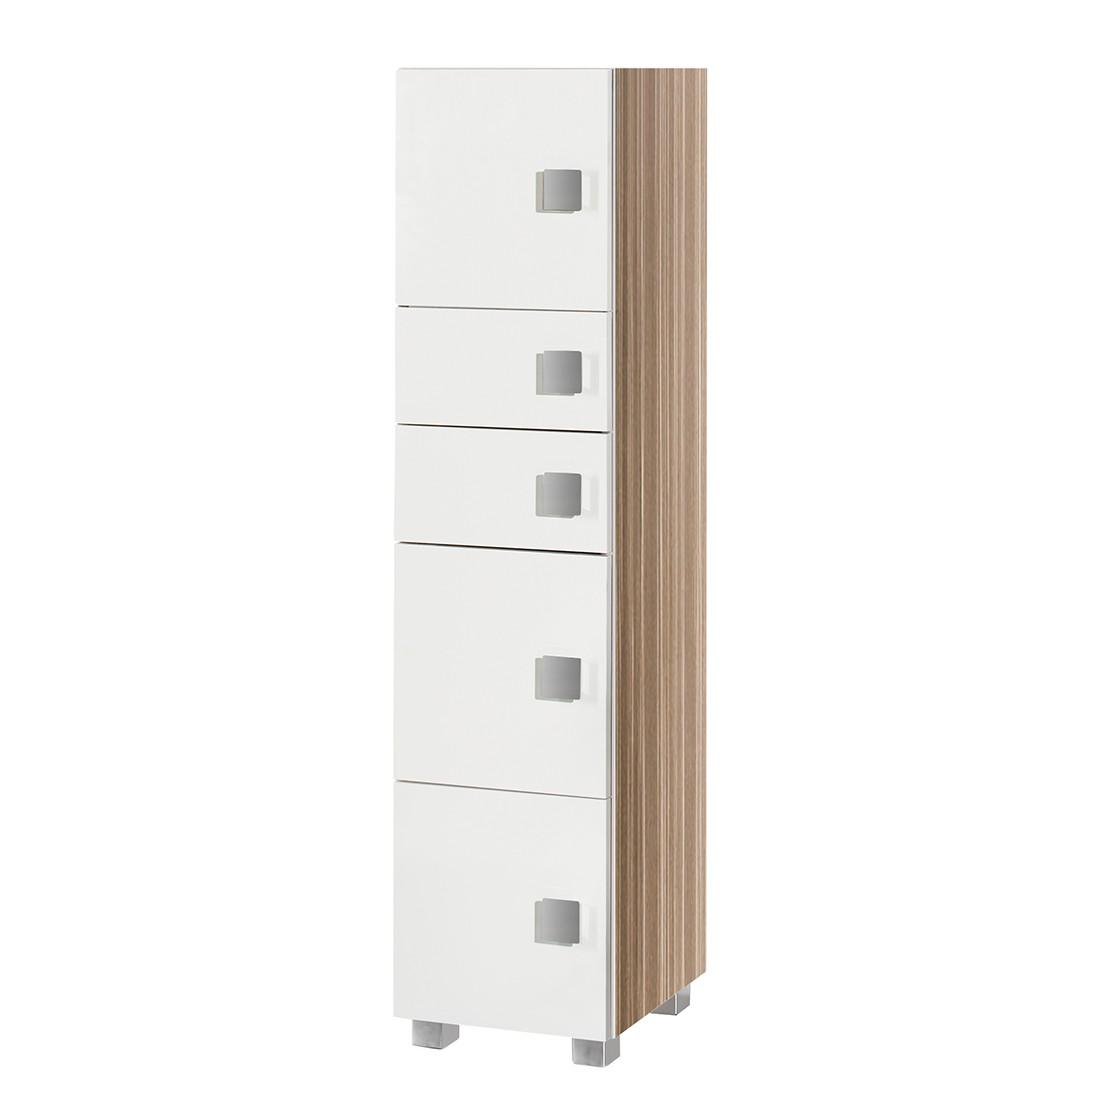 midischrank genf wei glanz zebrino beige schmal 3 t rig. Black Bedroom Furniture Sets. Home Design Ideas